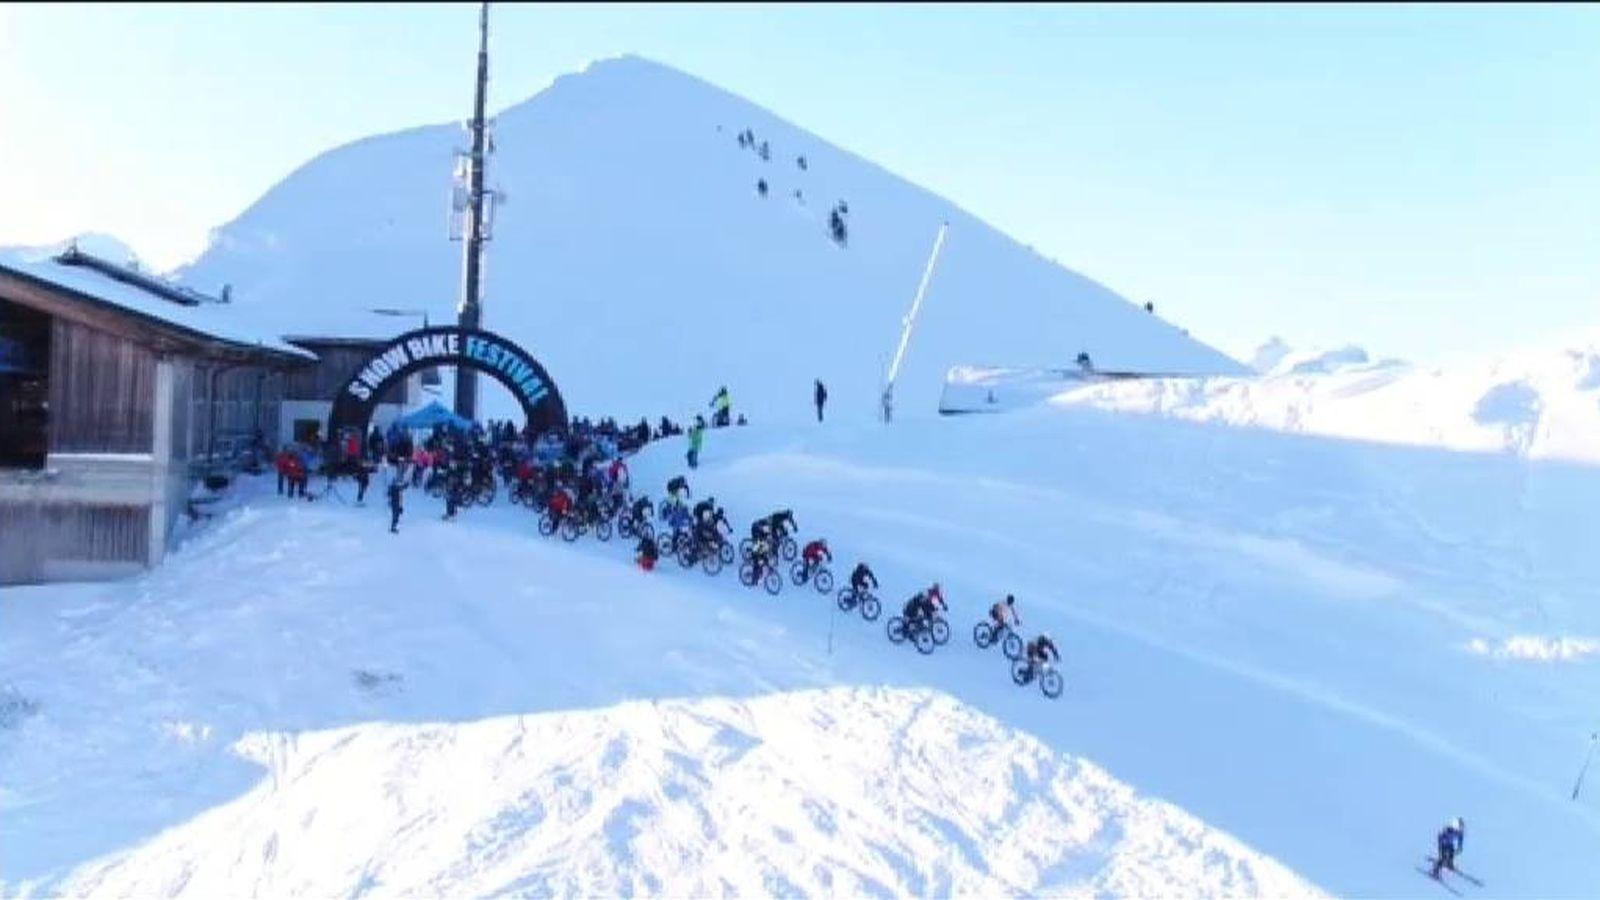 Ciclista Frío Los Que Desafía Festival Suizos Alpes CiclismoEl En fvgy7Yb6